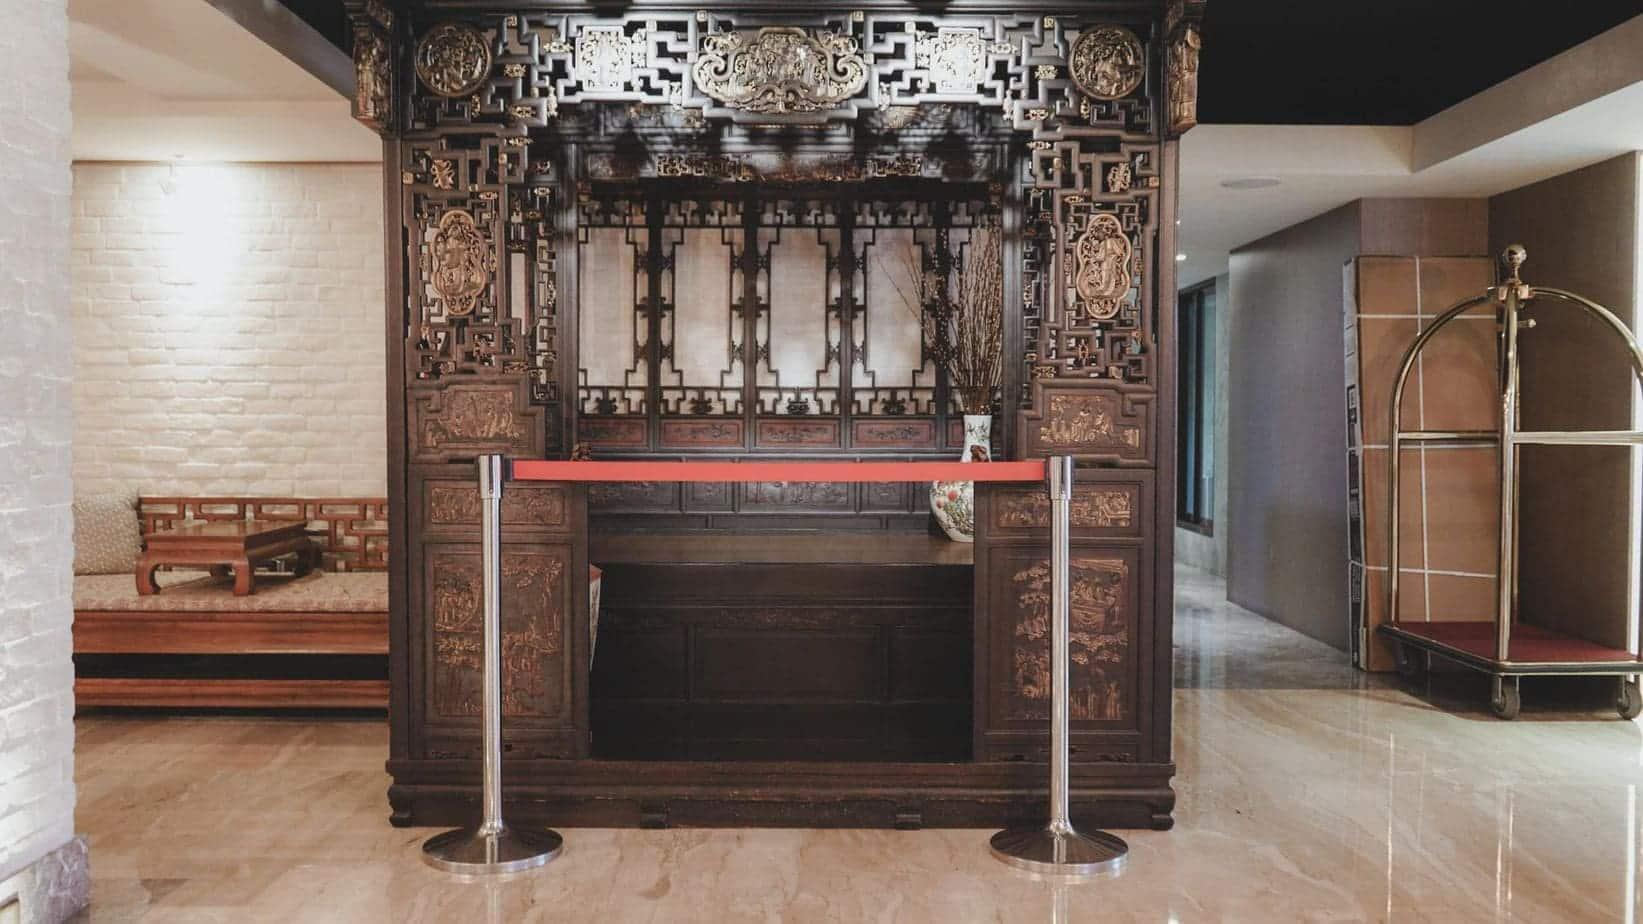 蘭桂坊花園酒店 這個就是傳說中古代的床